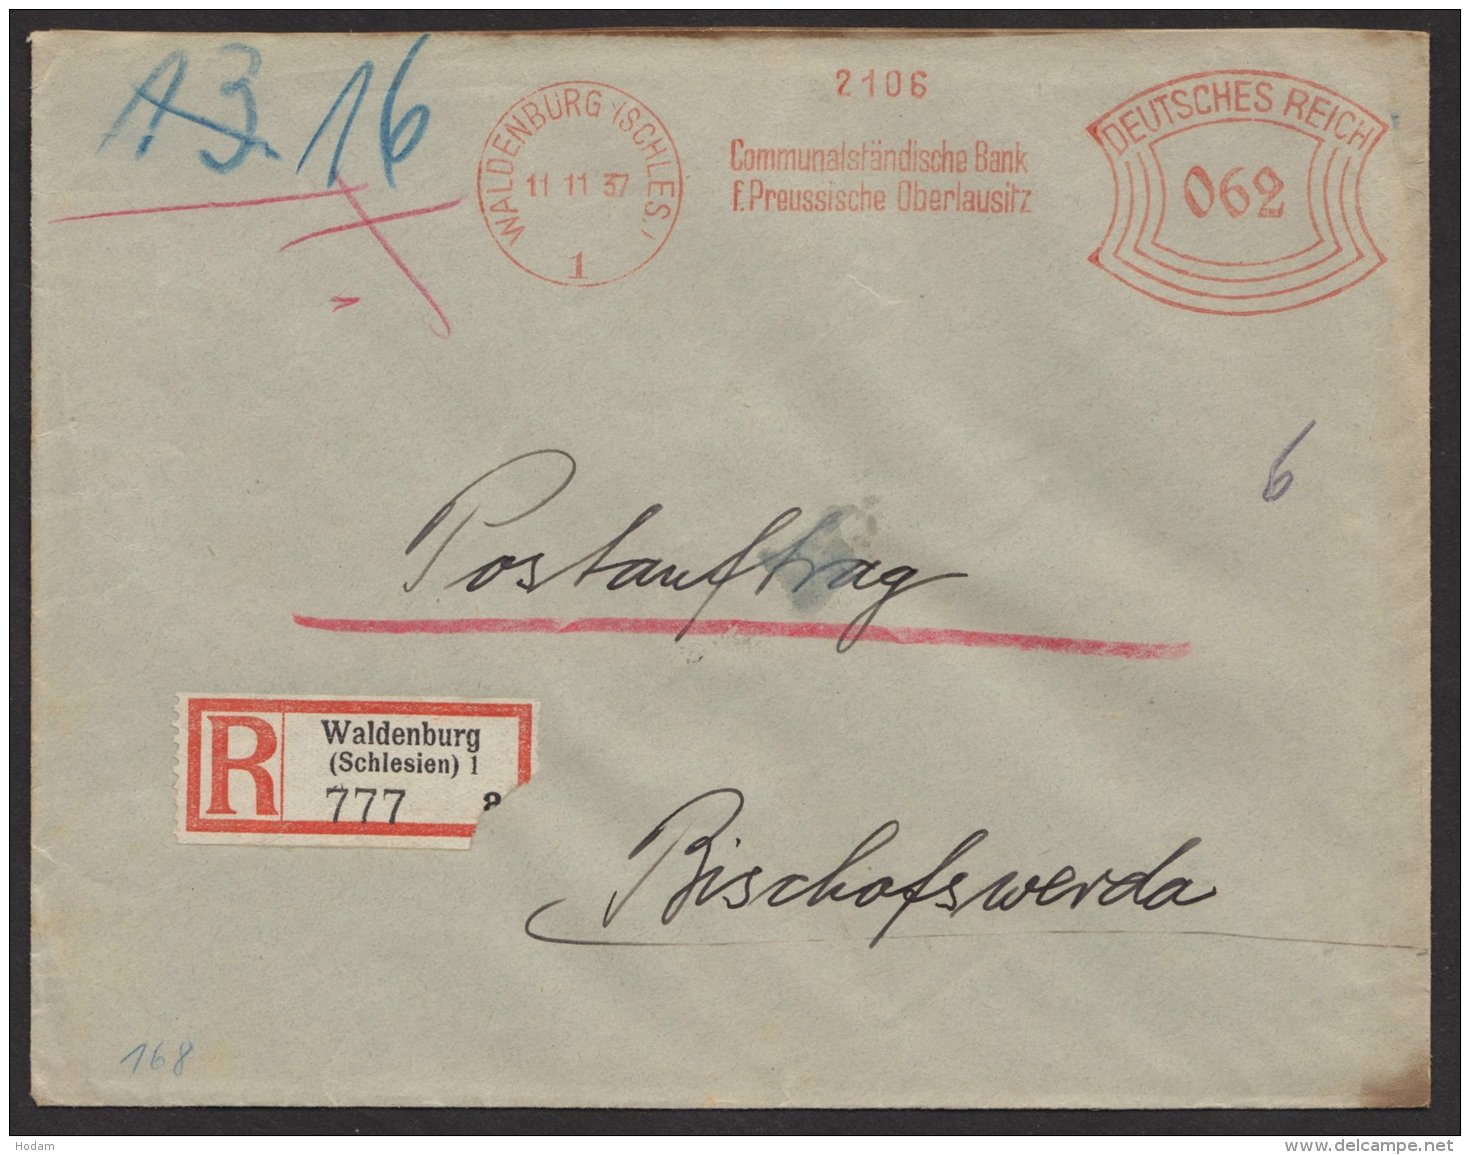 """""""Postauftrag"""", R-Brief """"Communal- Bank"""", Waldenburg/ Schlesien, 1937, Seltener Tarif Zu 62 Pfg. - Deutschland"""